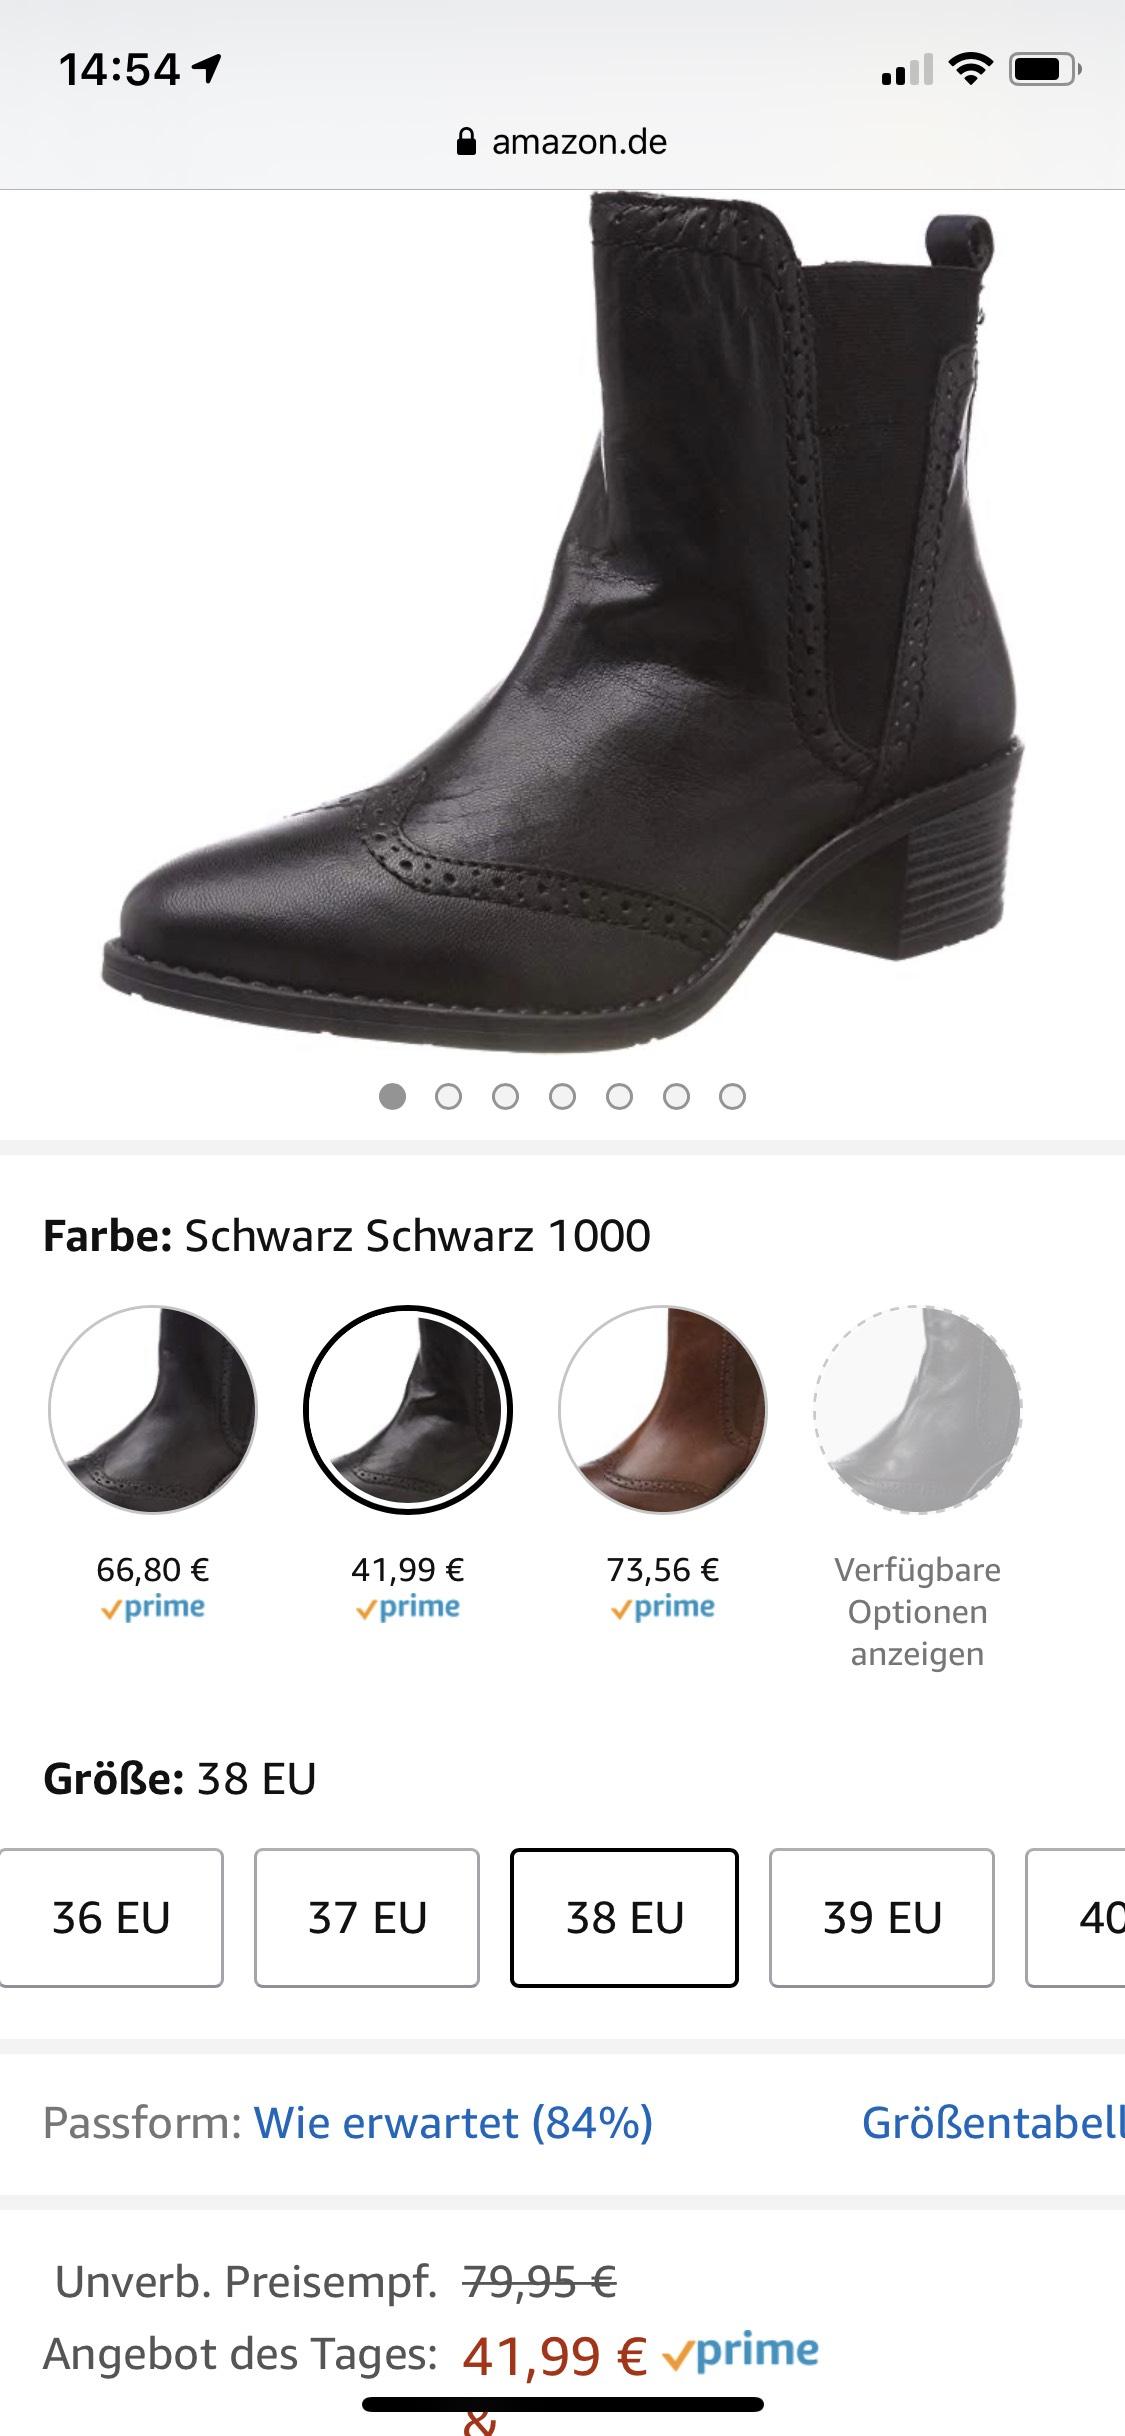 """Amazon.de: """"Bis zu"""" 58% auf Bugatti Schuhe (Realistischerweise 10-20%)"""